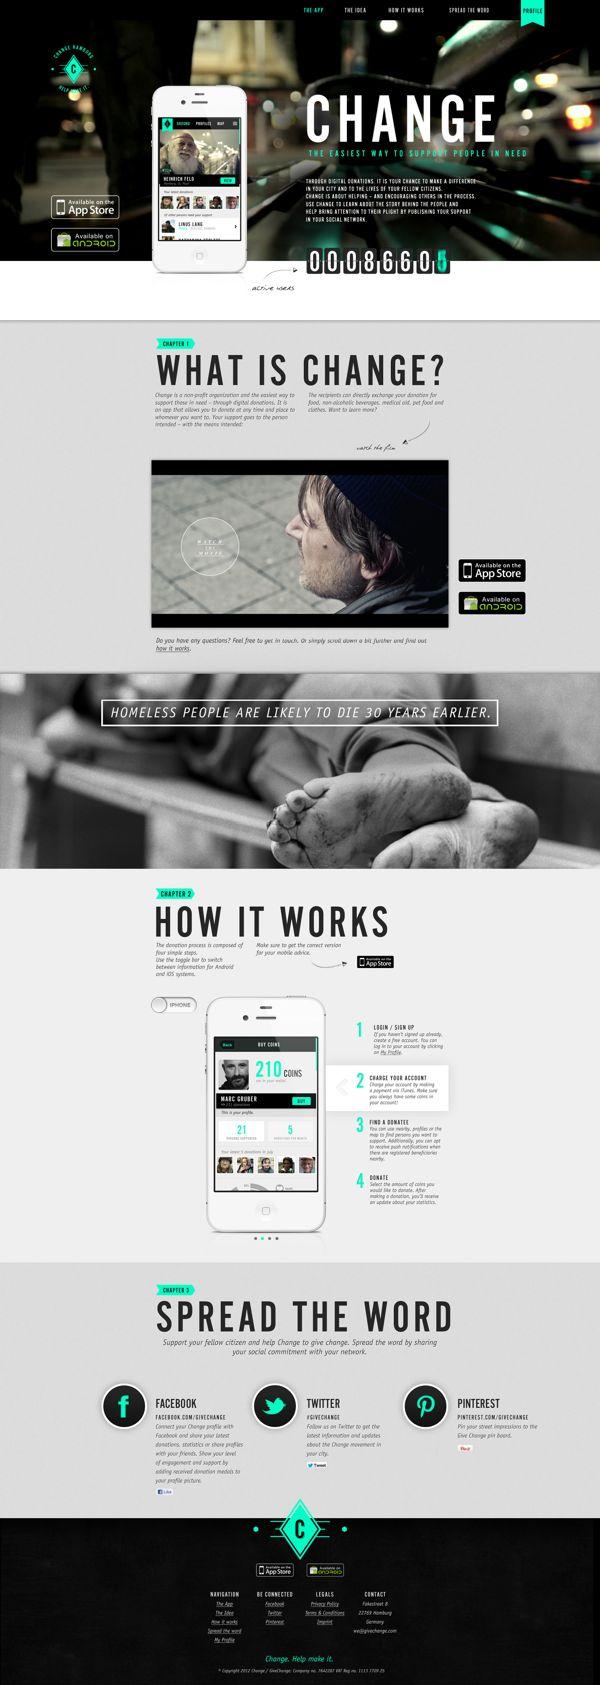 Change – Help Make It by Rebird , via Behance | #webdesign #it #web #design #layout #userinterface #website #webdesign < repinned by www.BlickeDeeler.de | Take a look at www.WebsiteDesign-Hamburg.de